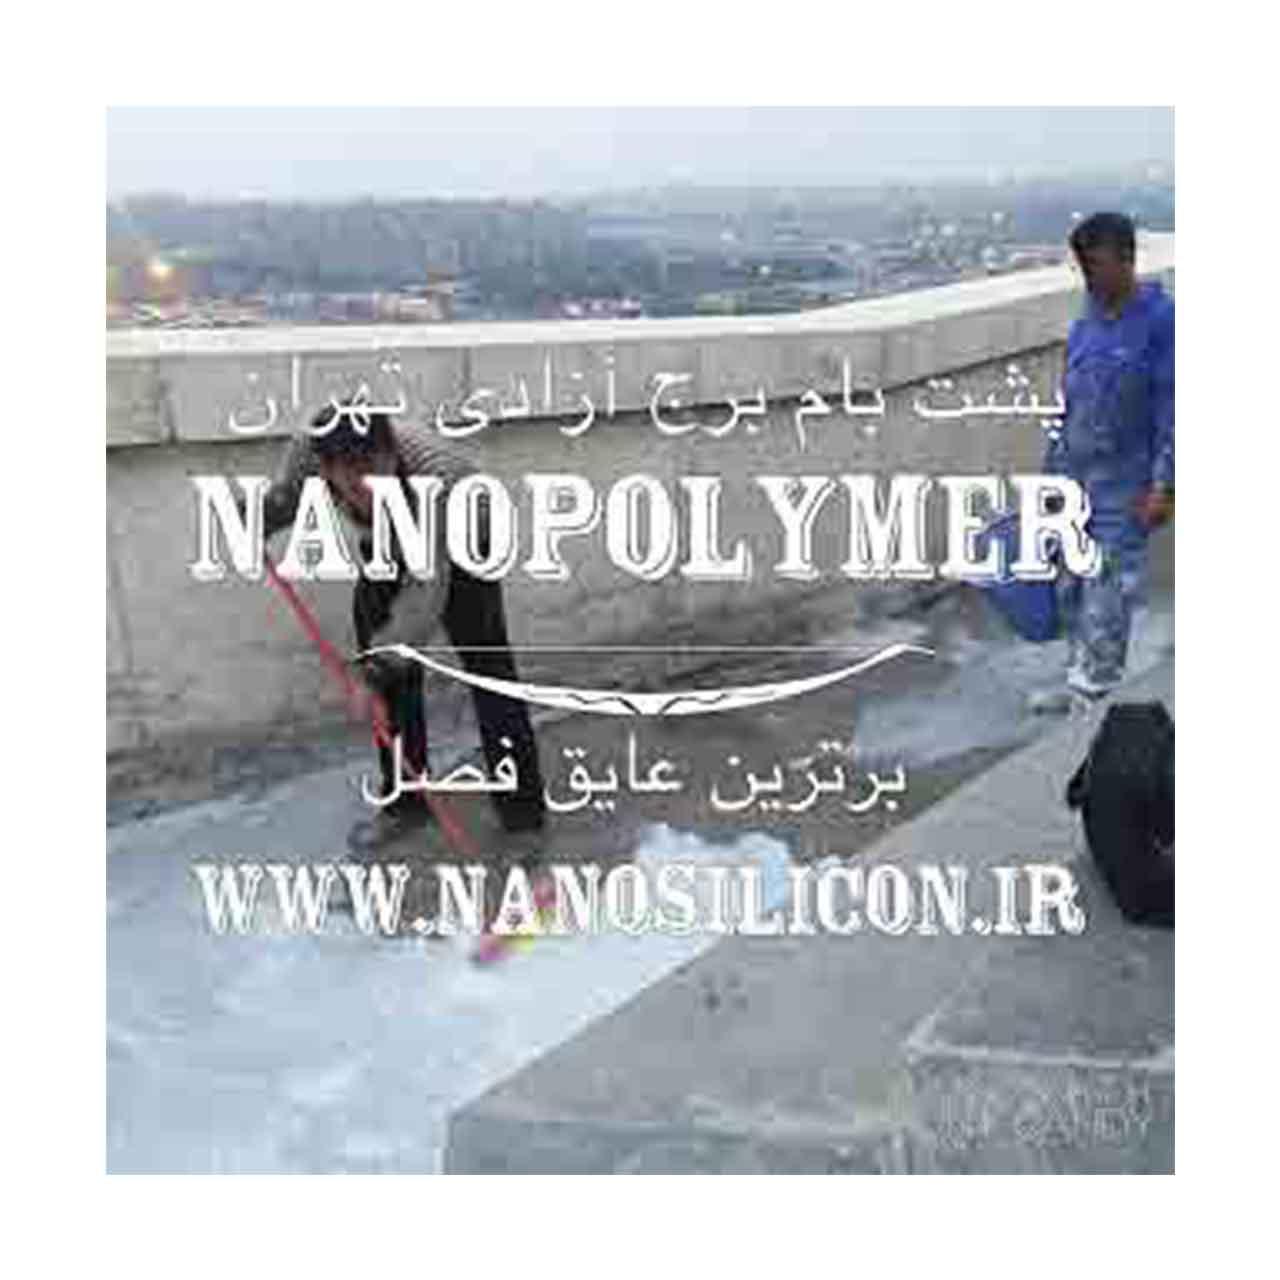 عــایق نانوپلیمر